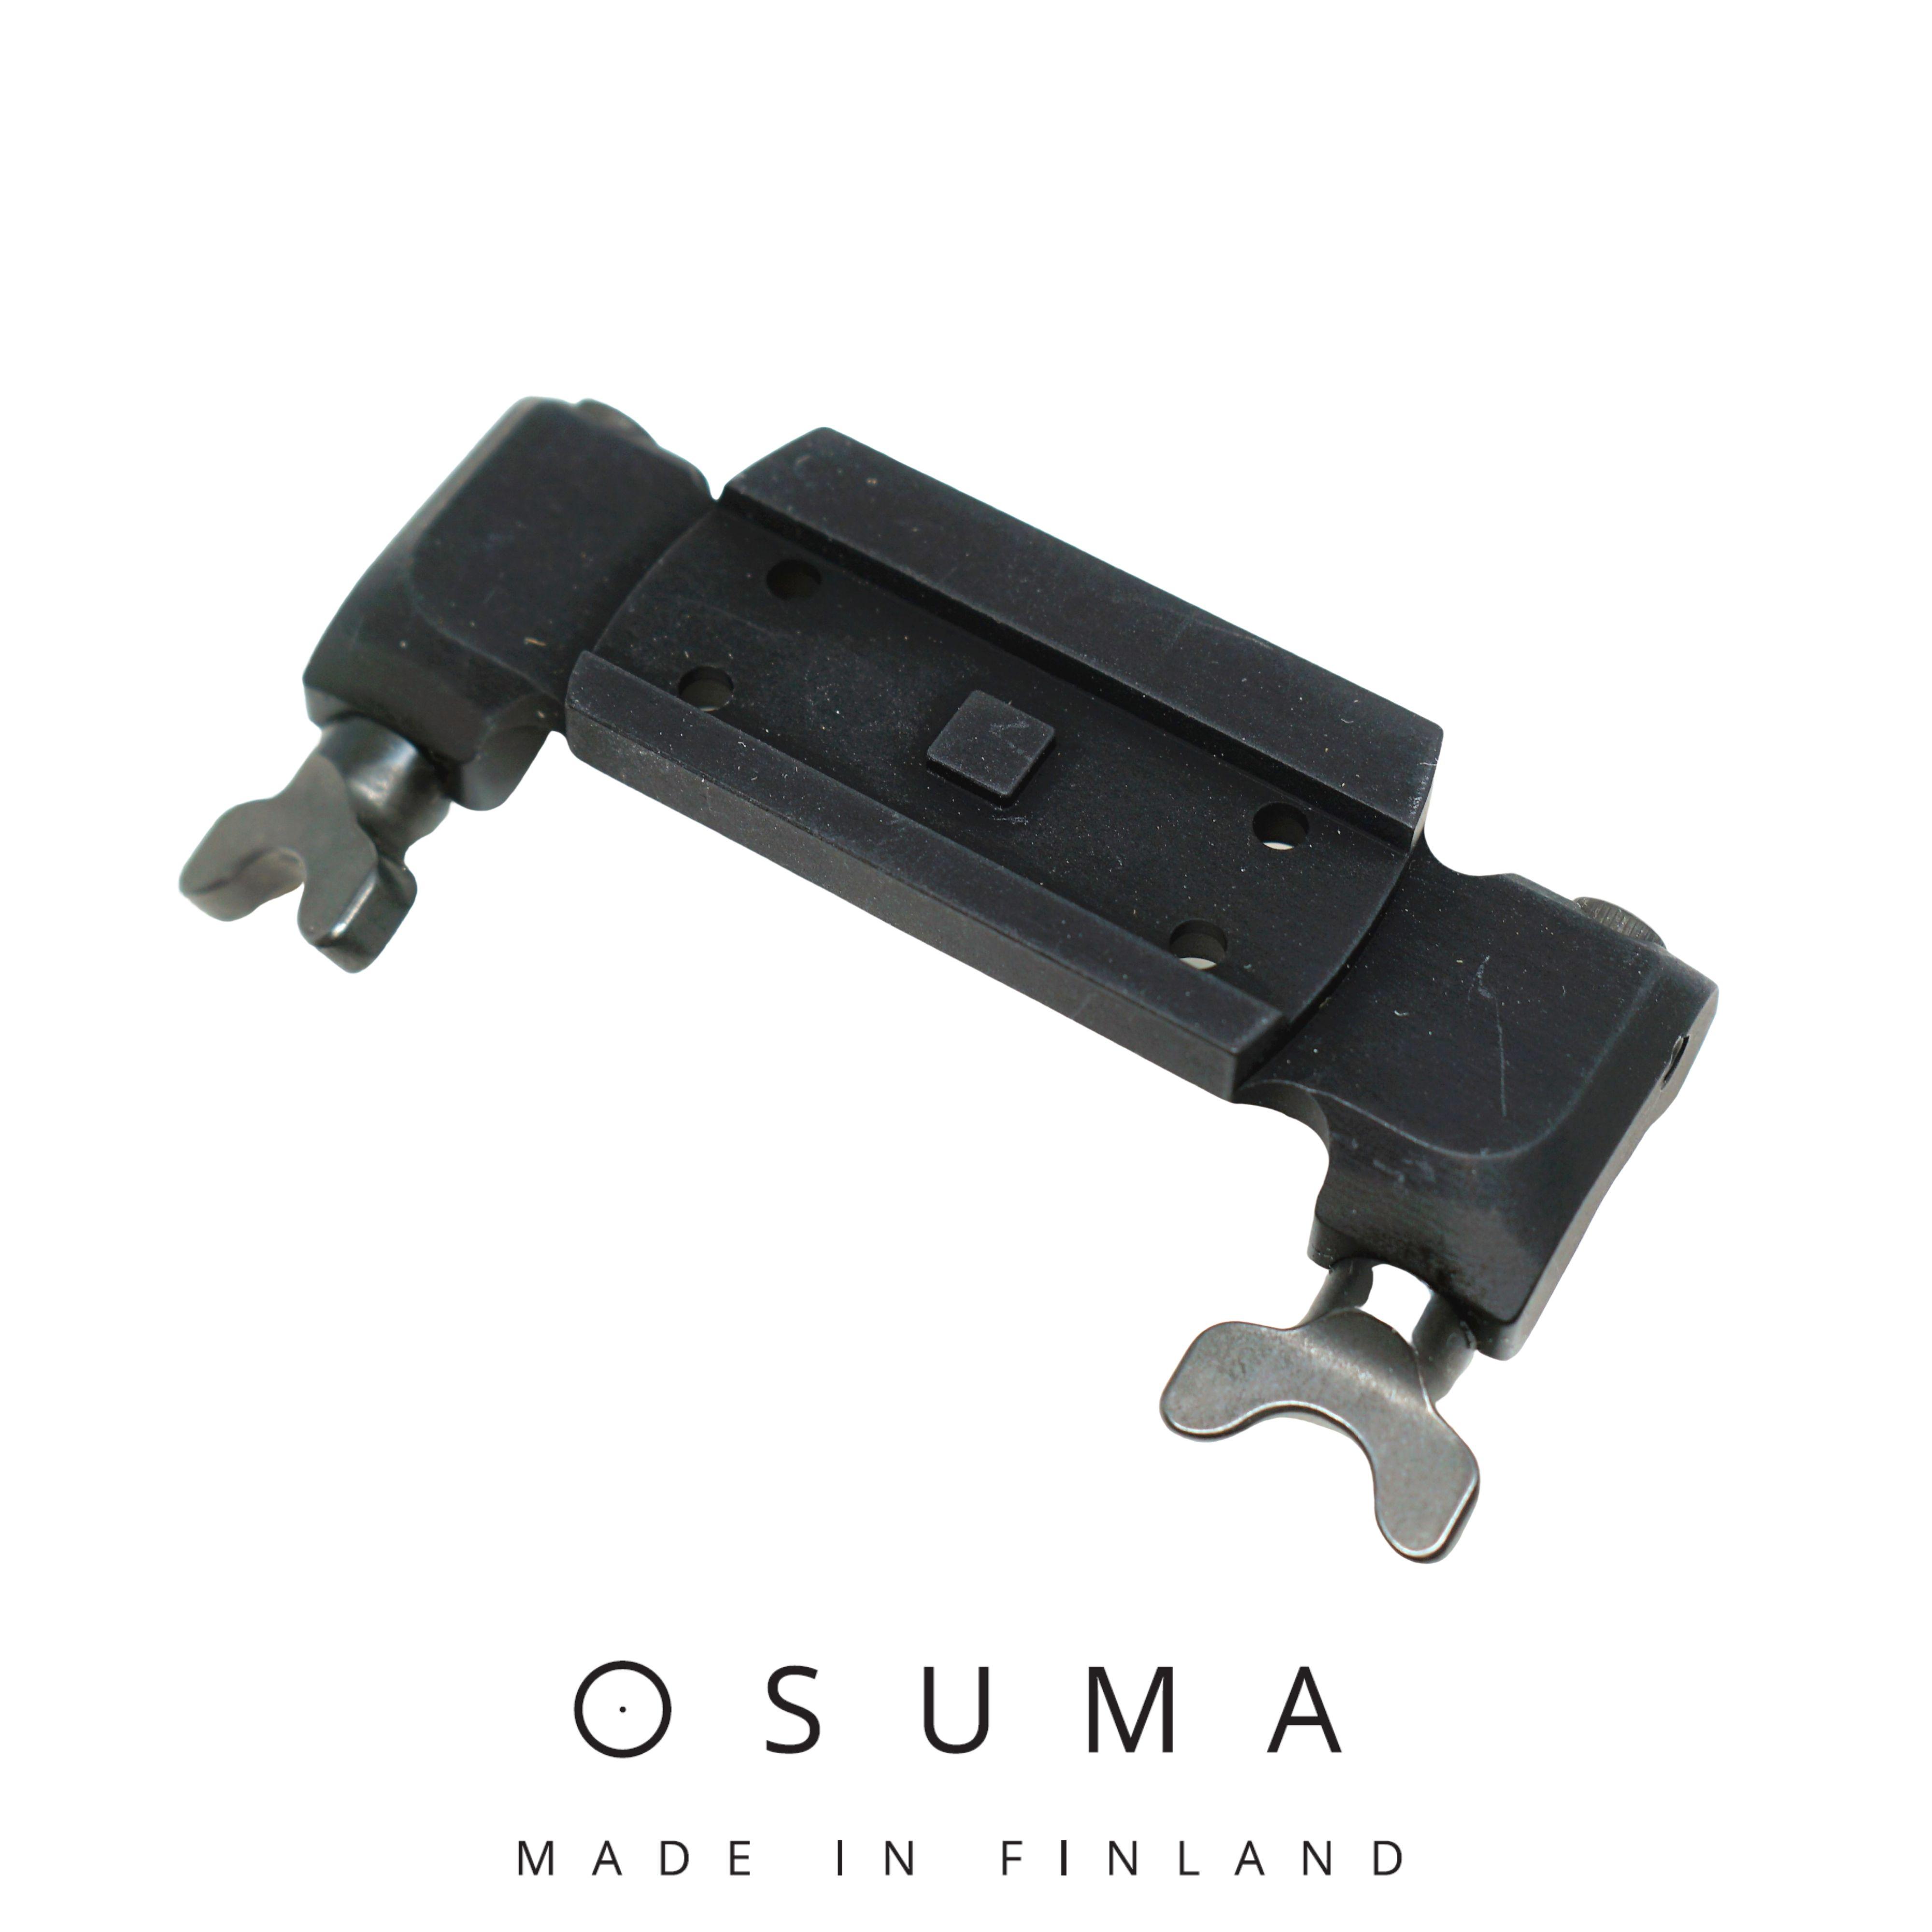 Osuma Blaser jalusta Aimpoint Micro